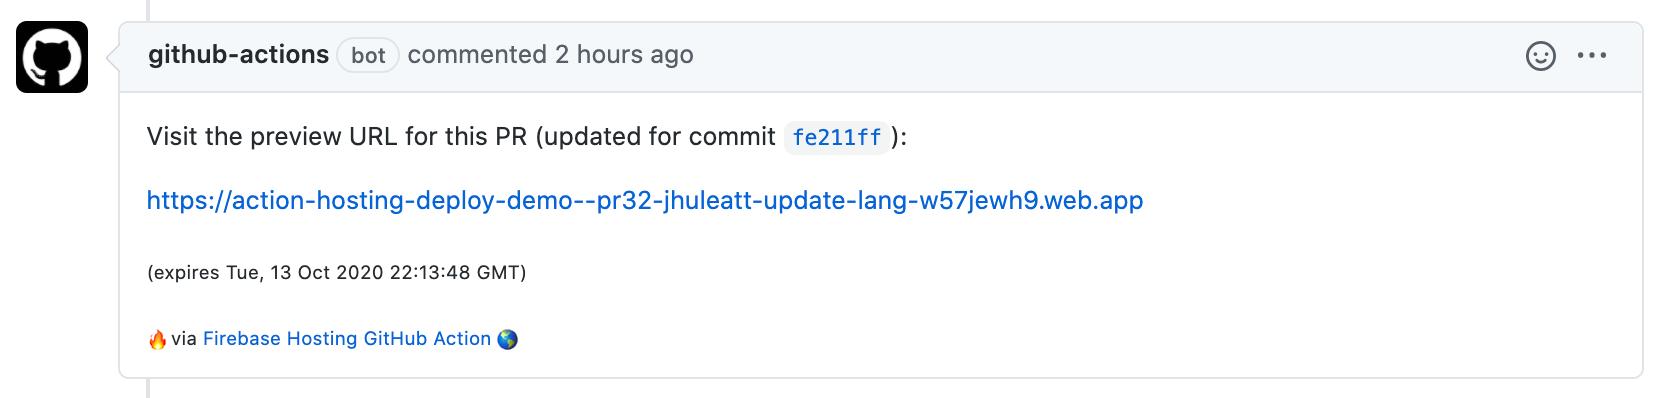 immagine del commento di GitHub Action PR con URL di anteprima